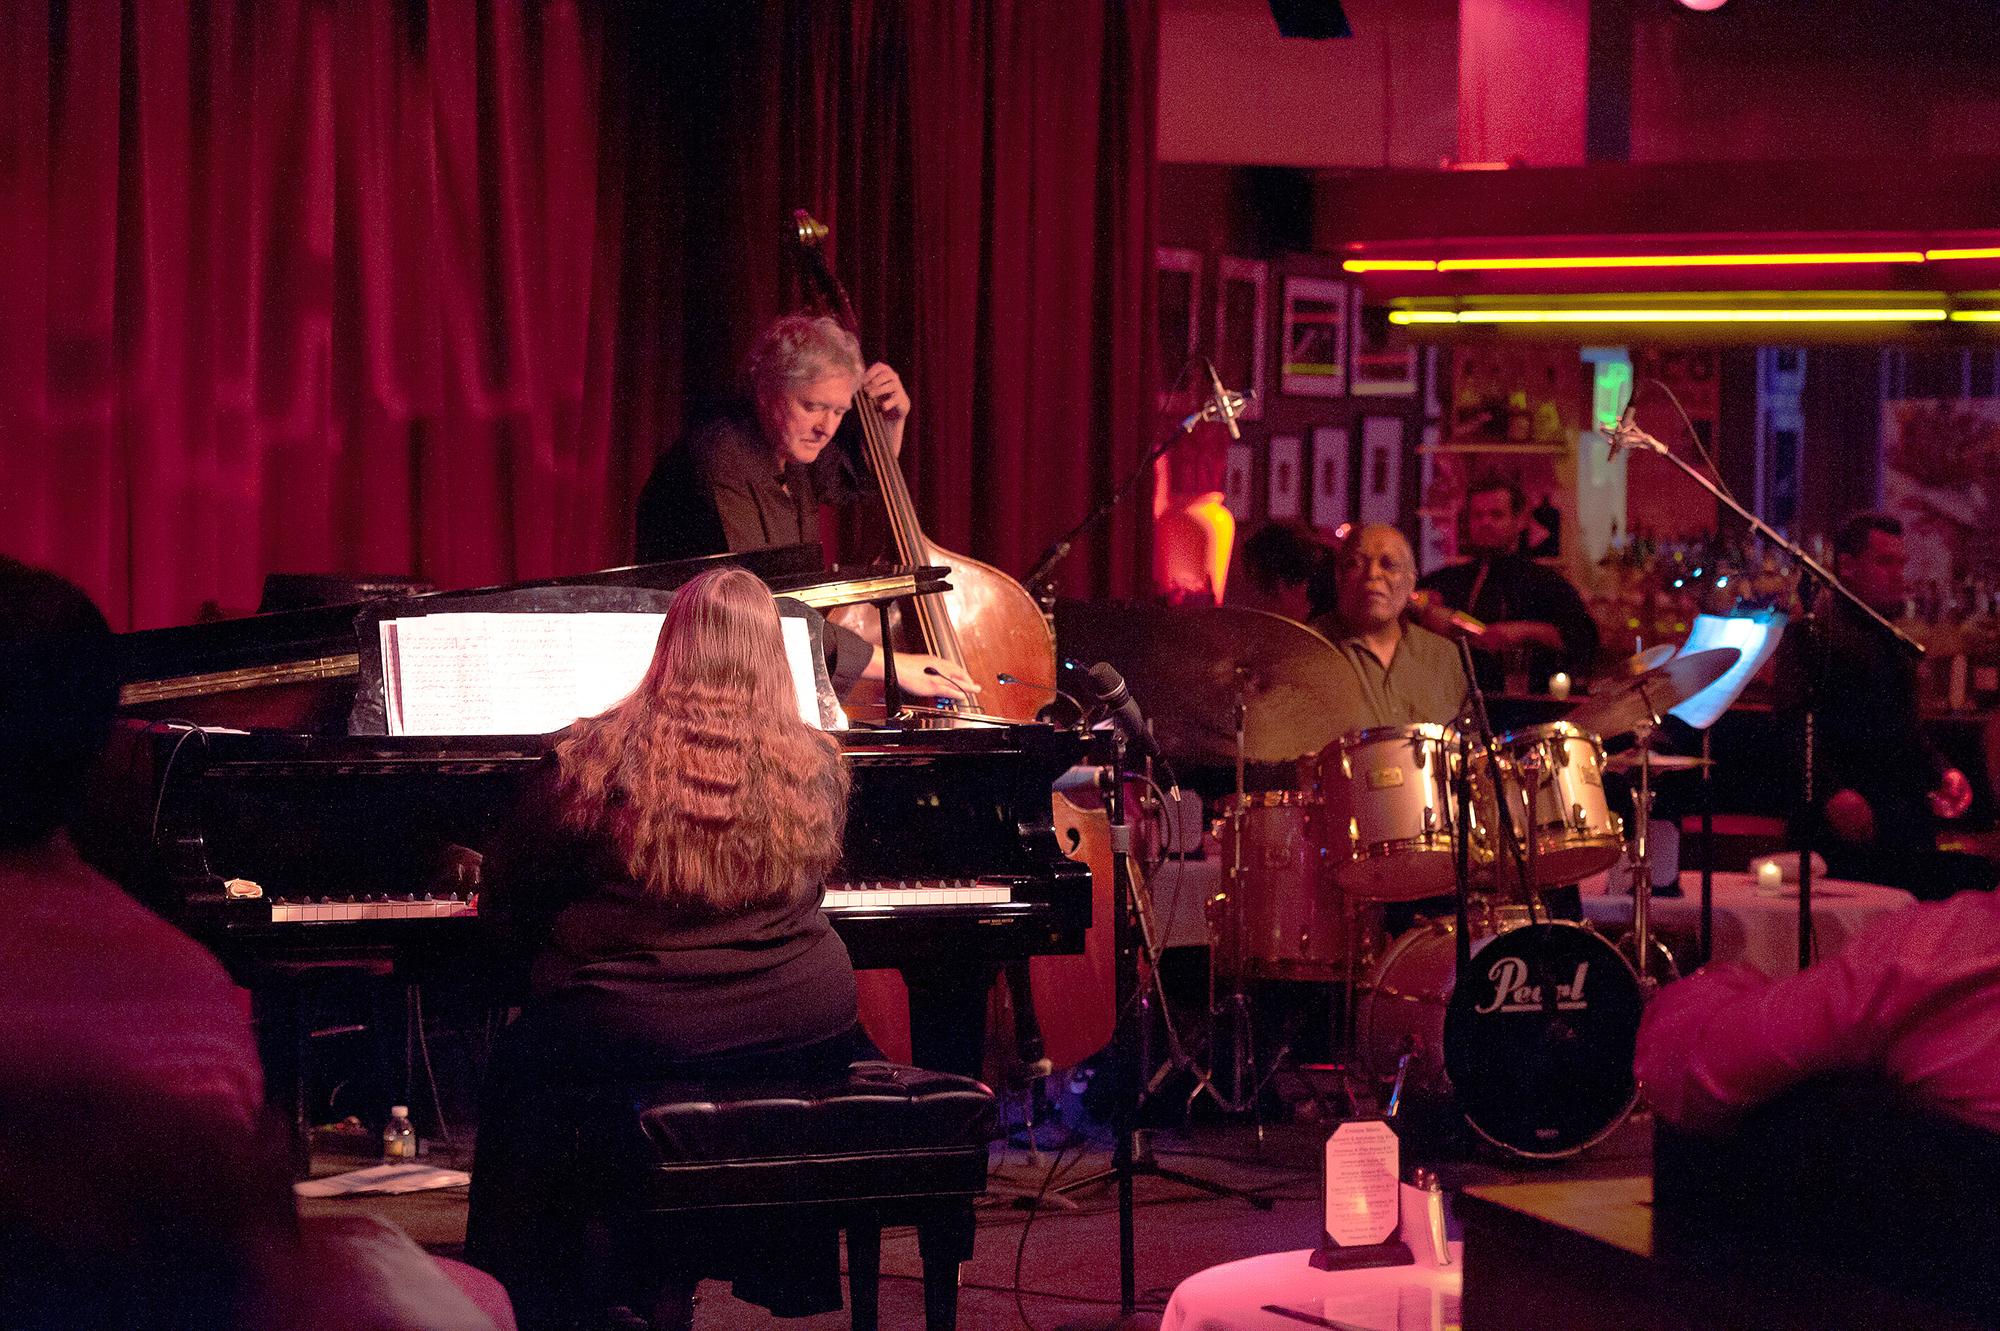 Performing at Birdland NYC